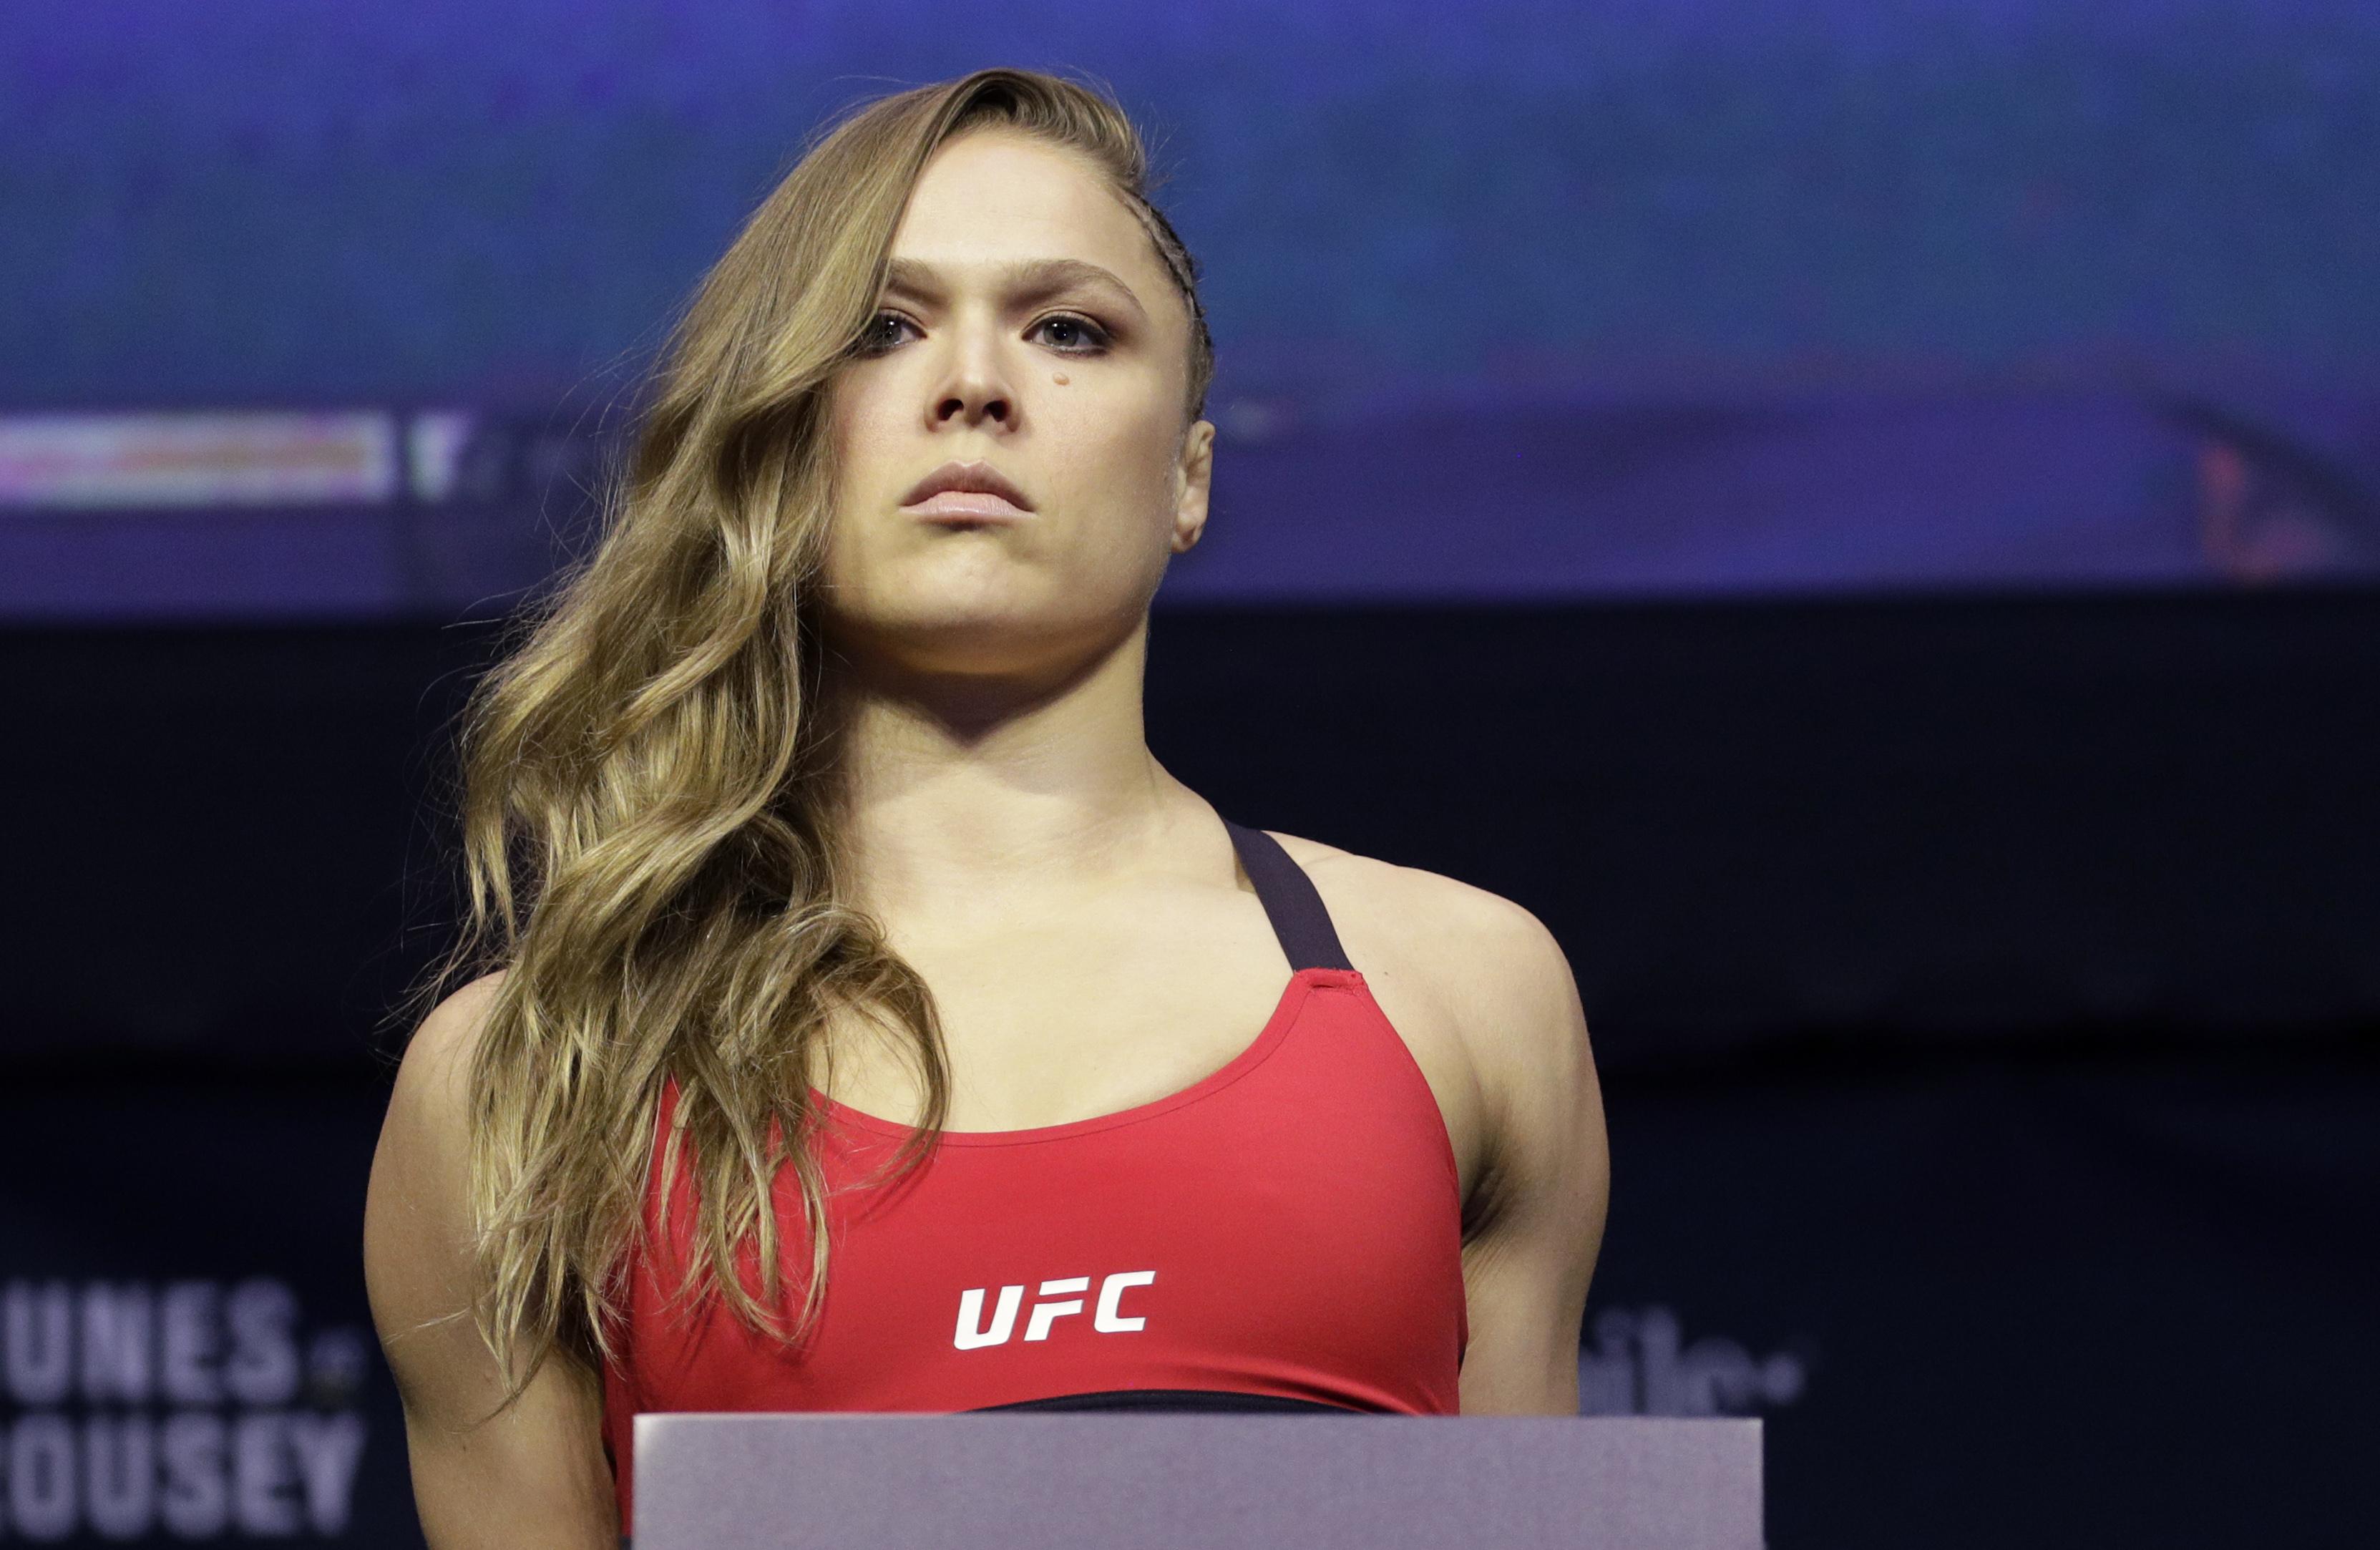 Campeona de la UFC, Ronda Rousey, revela que sufrió un asalto en su casa